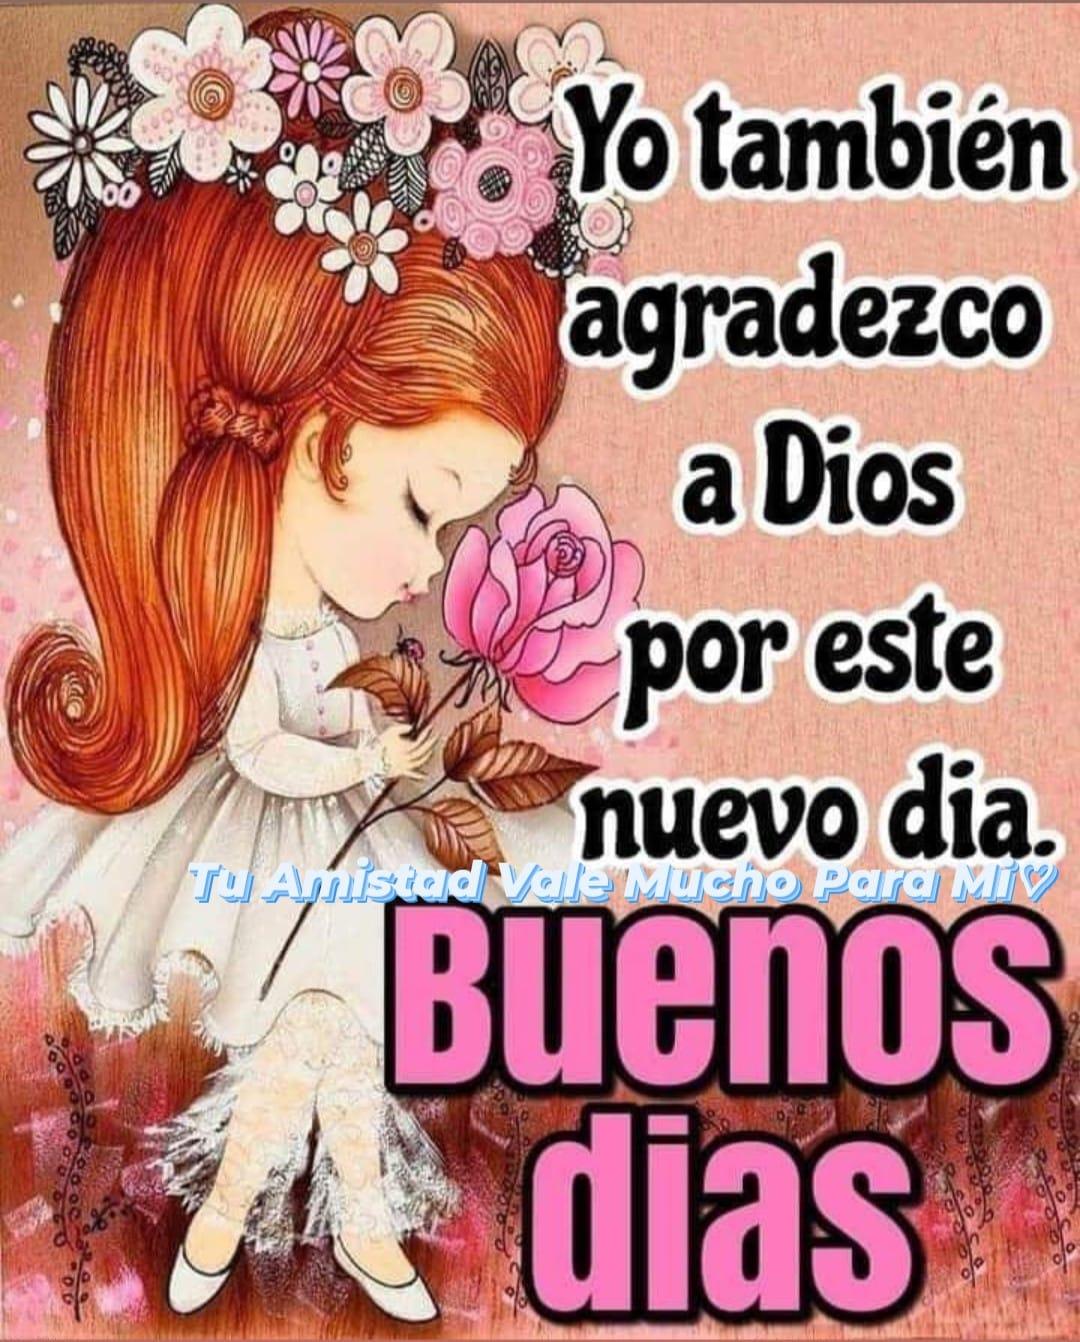 Yo también agradezco a Dios por este nuevo dia. Buenos Días